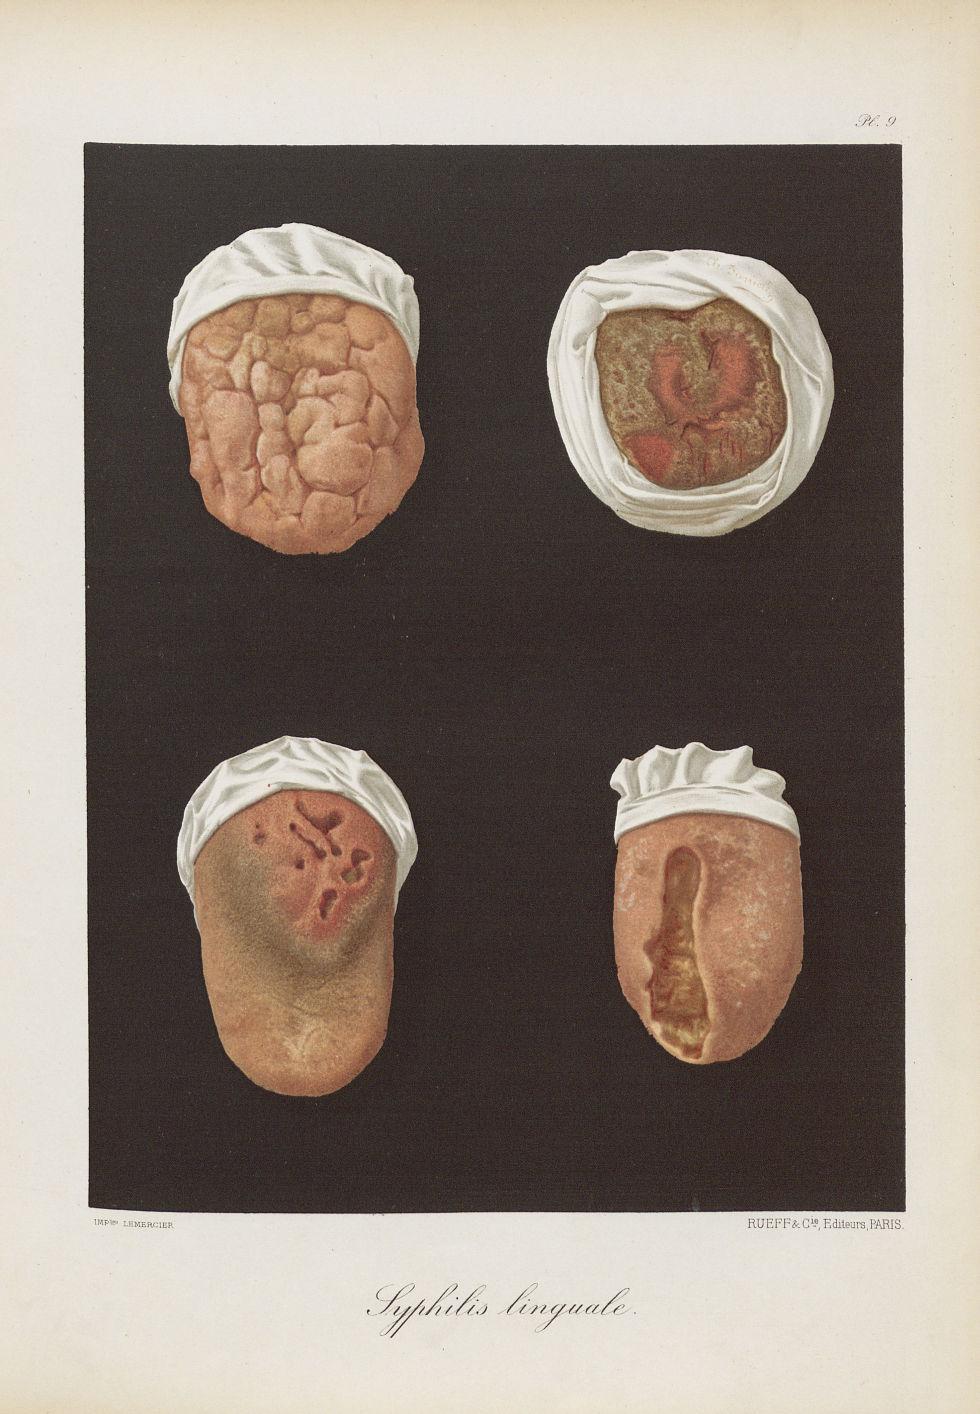 Syphilis linguale - Le musée de l'hôpital Saint-Louis : iconographie des maladies cutanées et syphil [...] - Dermatologie (peau). Syphilis (maladies infectieuses). Maladies sexuellement transmissibles. Langues (bouches). 19e siècle (France) - med01740x0081